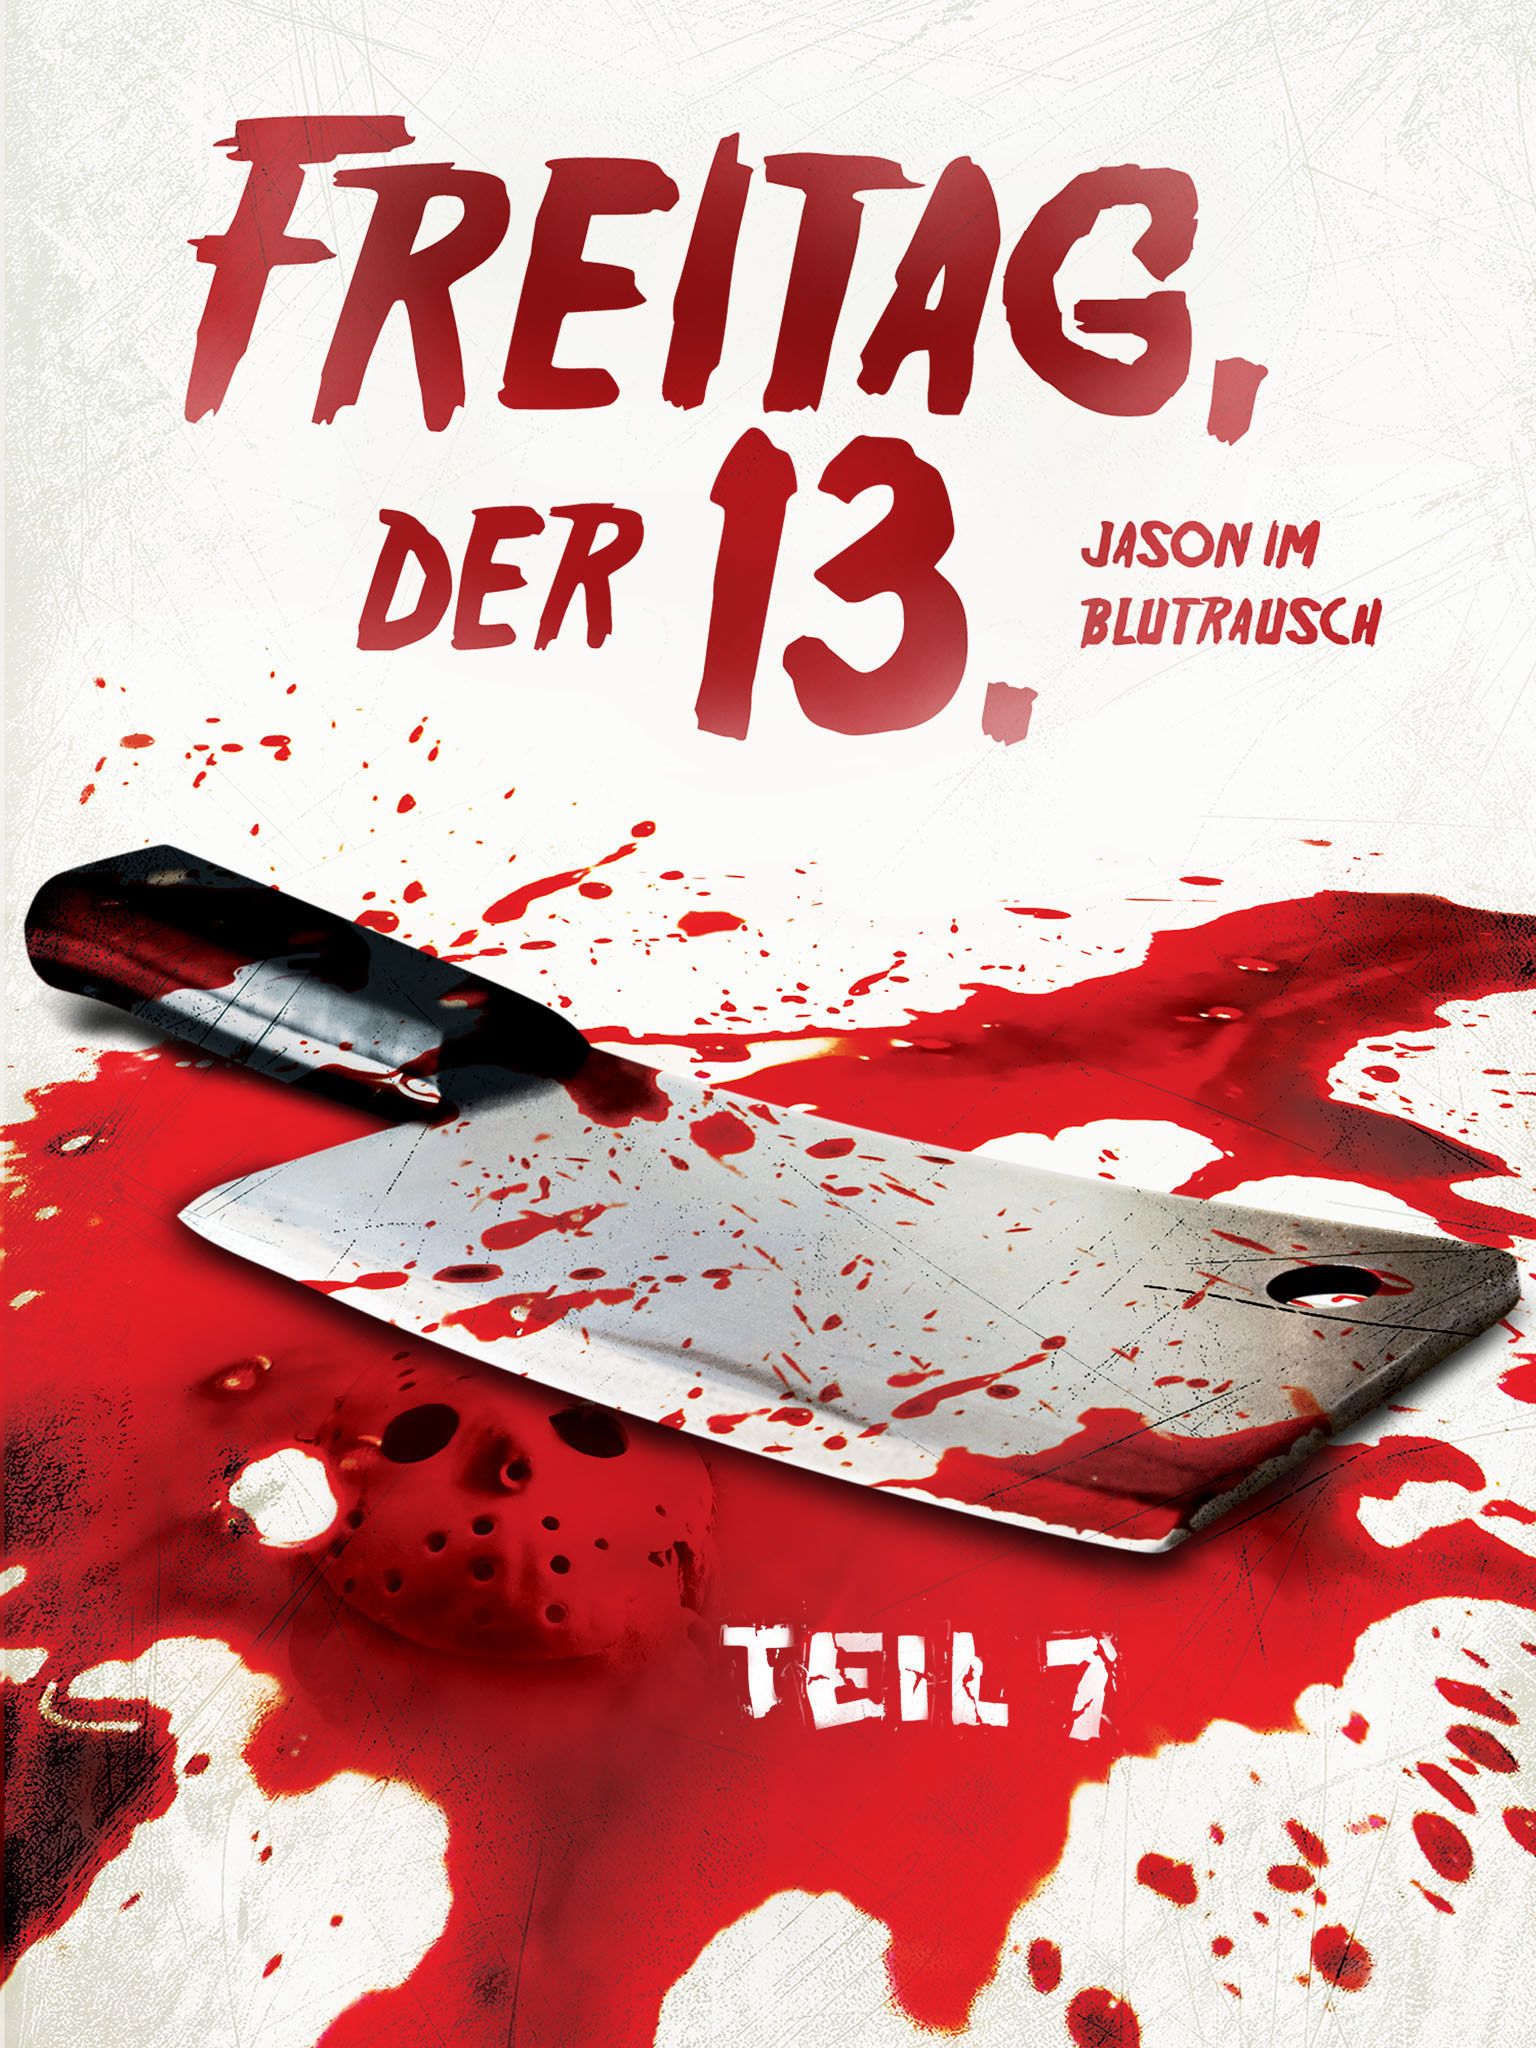 Freitag, der 13. Teil 7 - Jason im Blutrausch